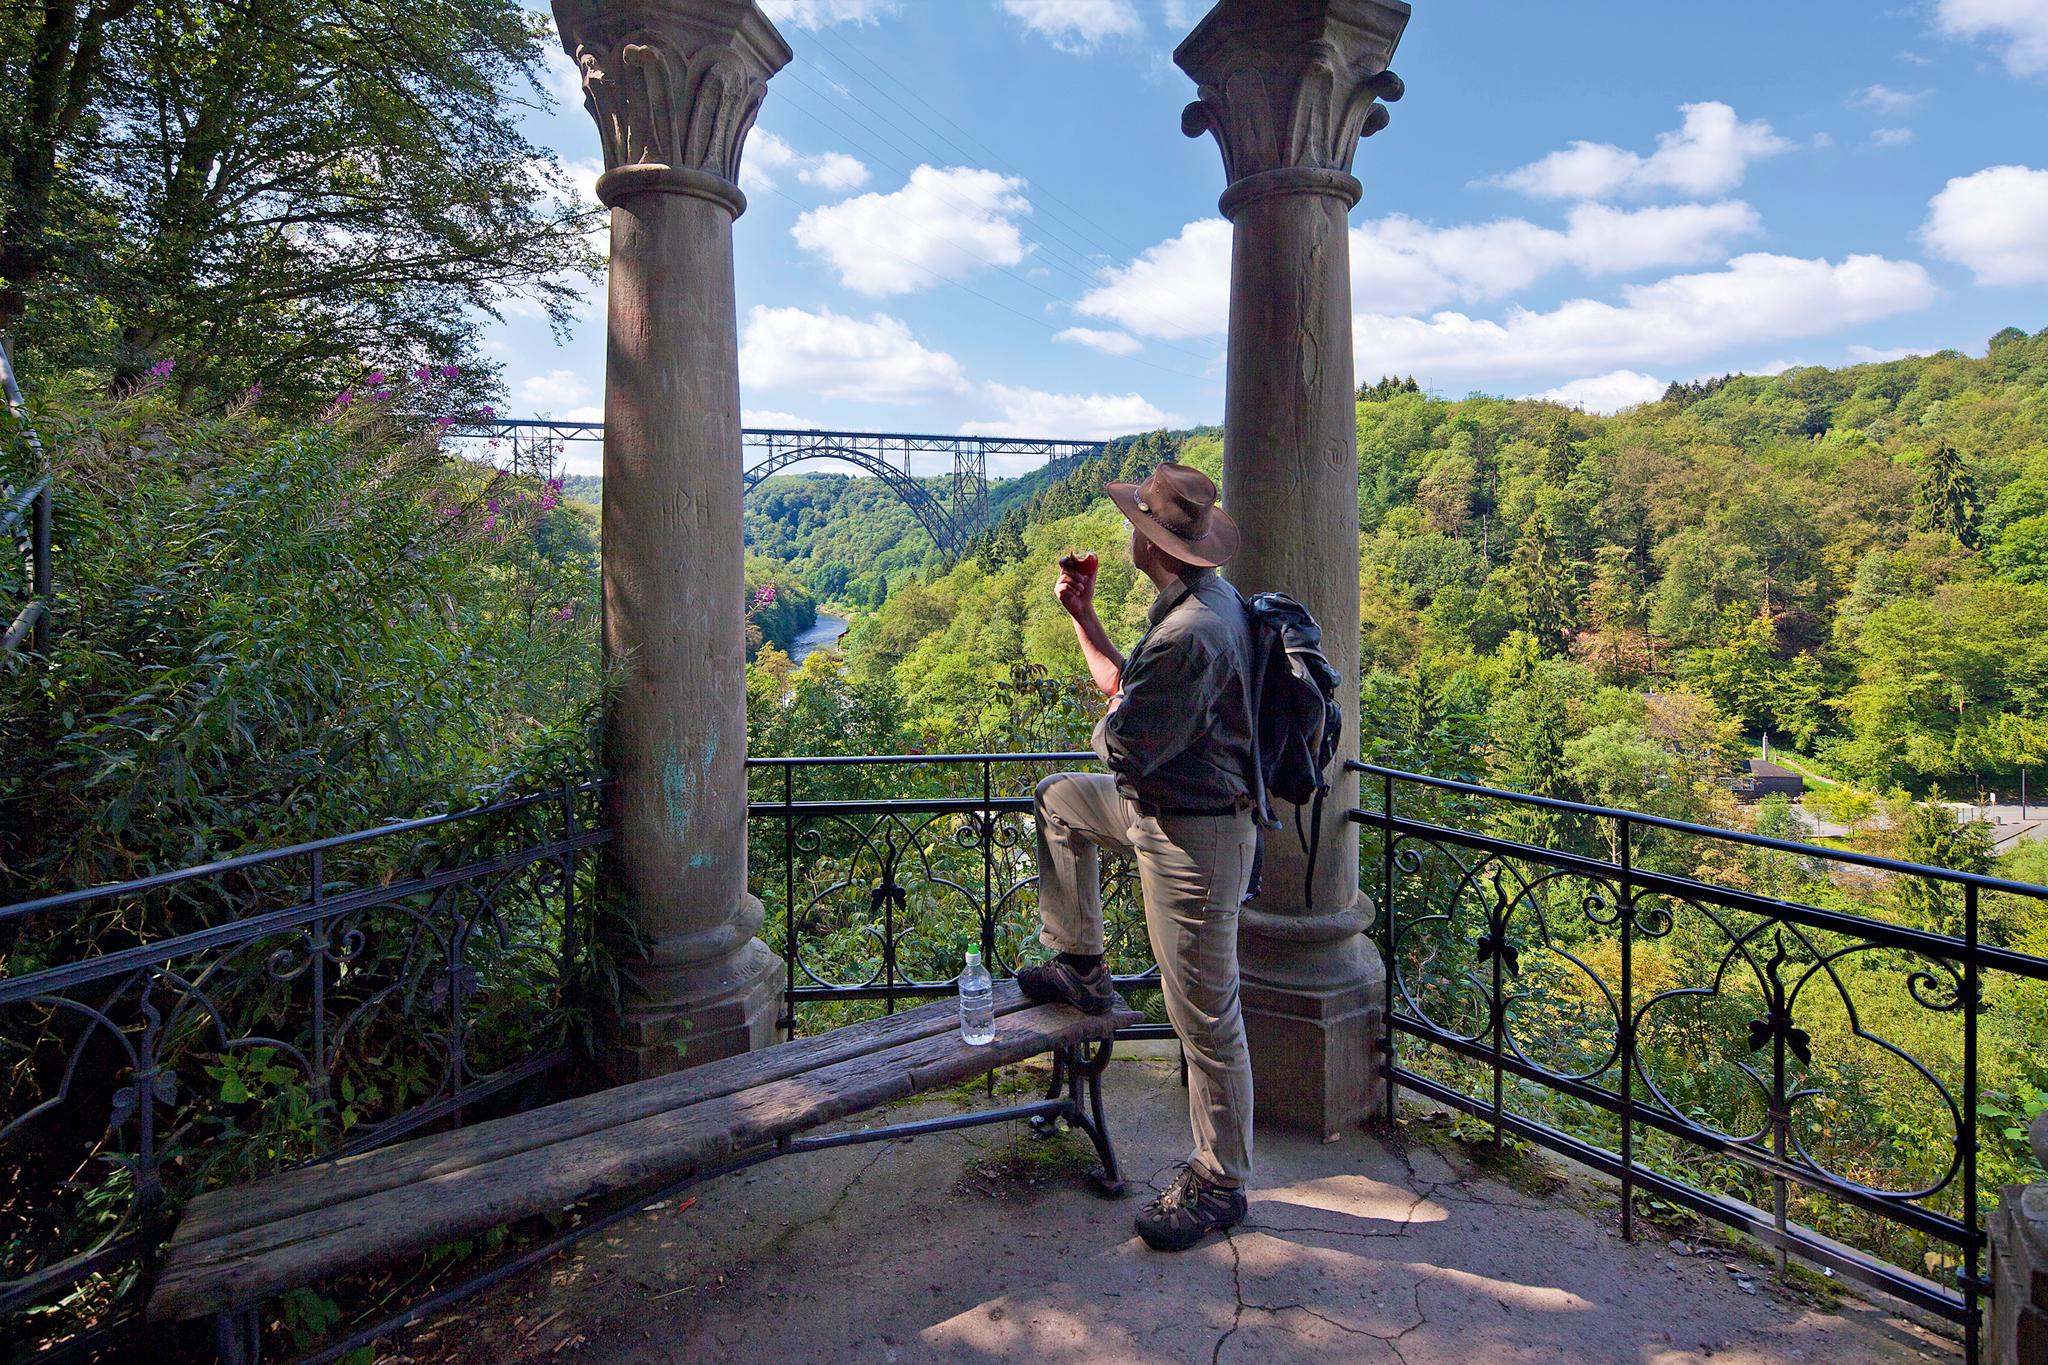 Ausblick vom Dietrichstempel auf die Müngstener Brücke © Carsten Hahn/pixelbunker.de